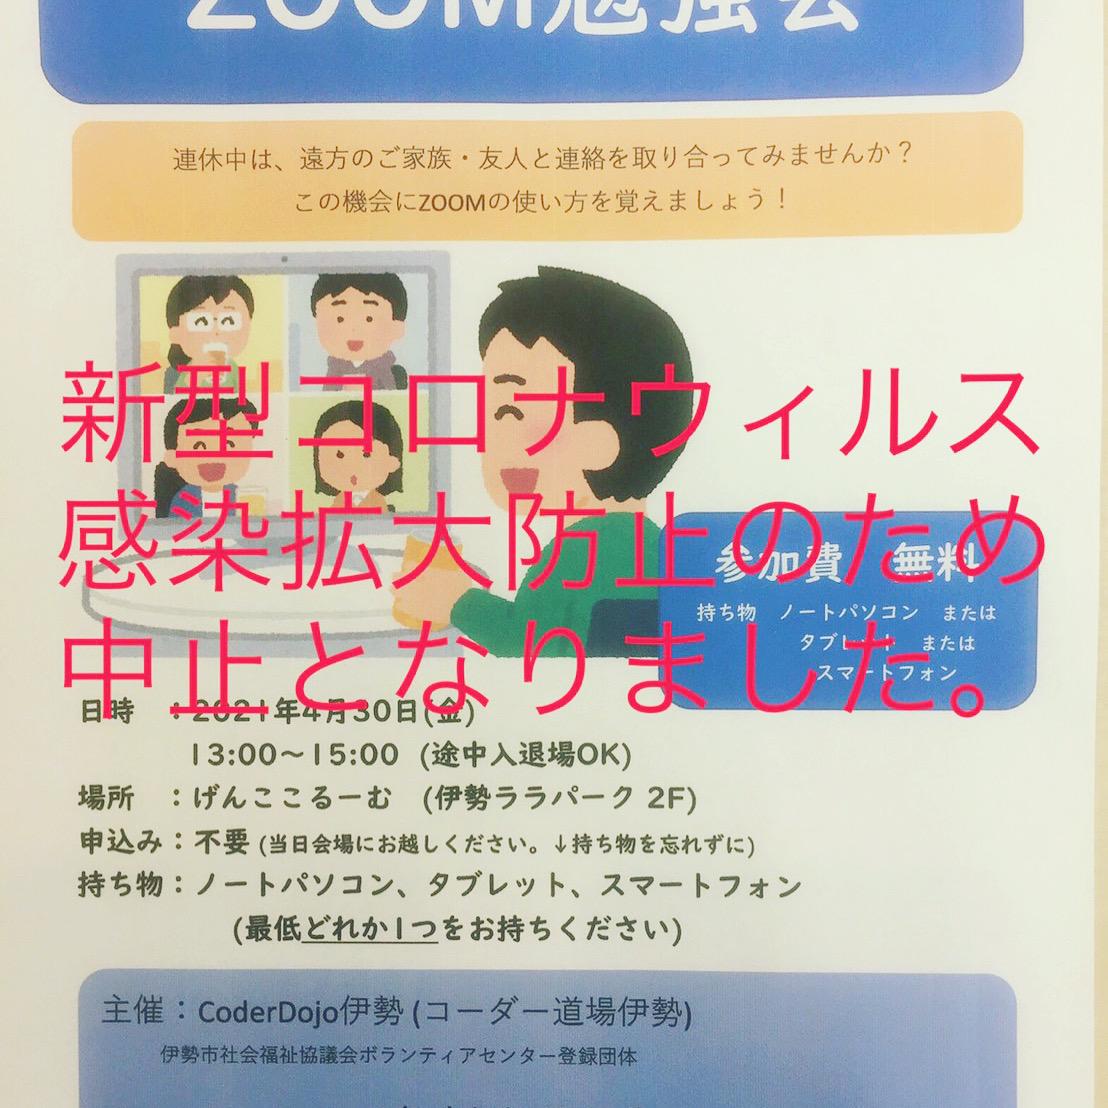 【中止】ZOOM勉強会